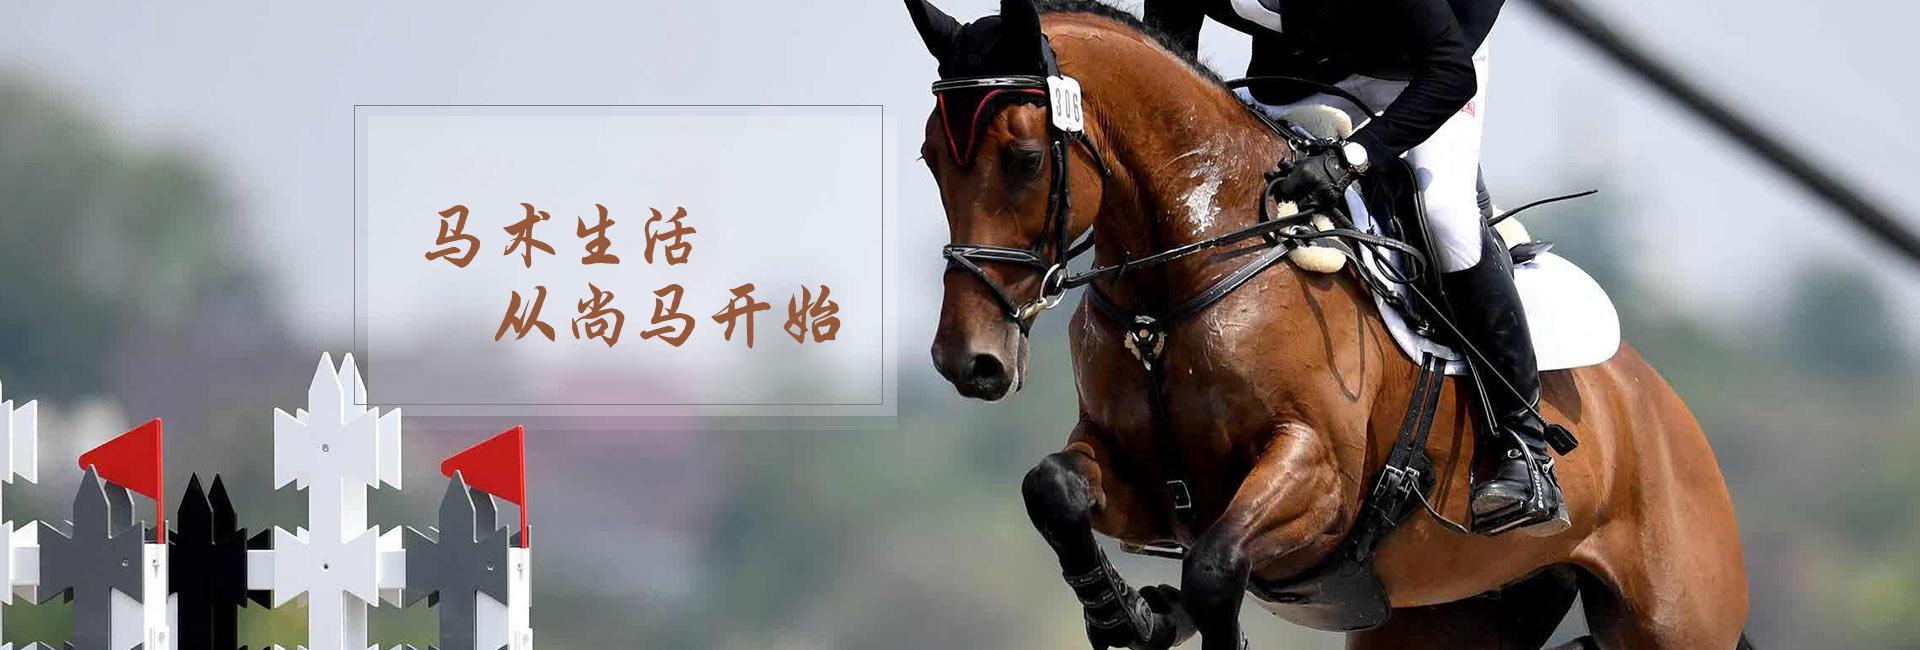 重庆骑马场地